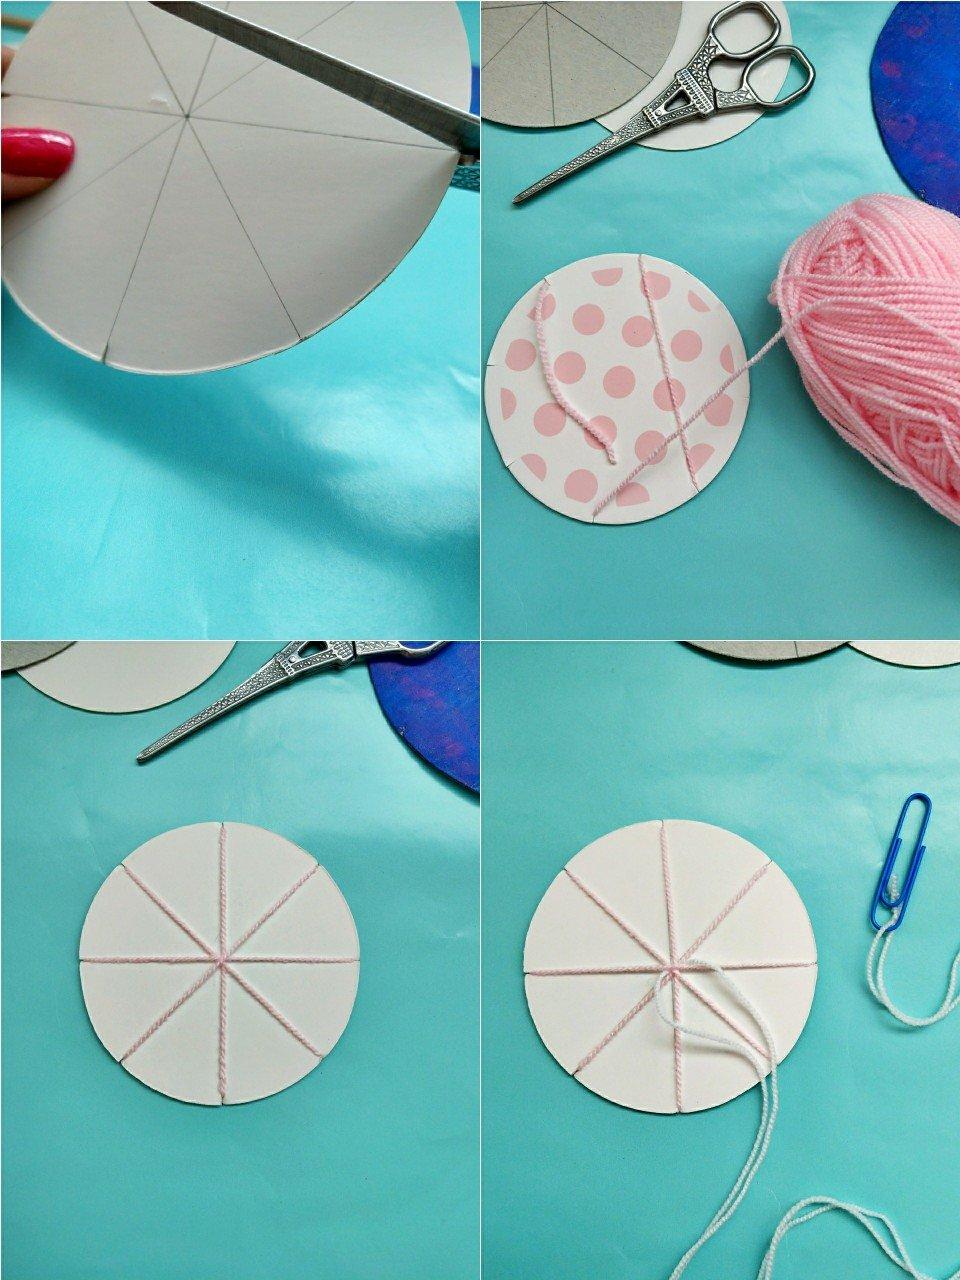 Hier zeige ich euch Schritt für Schritt wie ihr einen runden Webrahmen selber machen könnt. Tolle Anleitung und Bastelidee für Kinder.